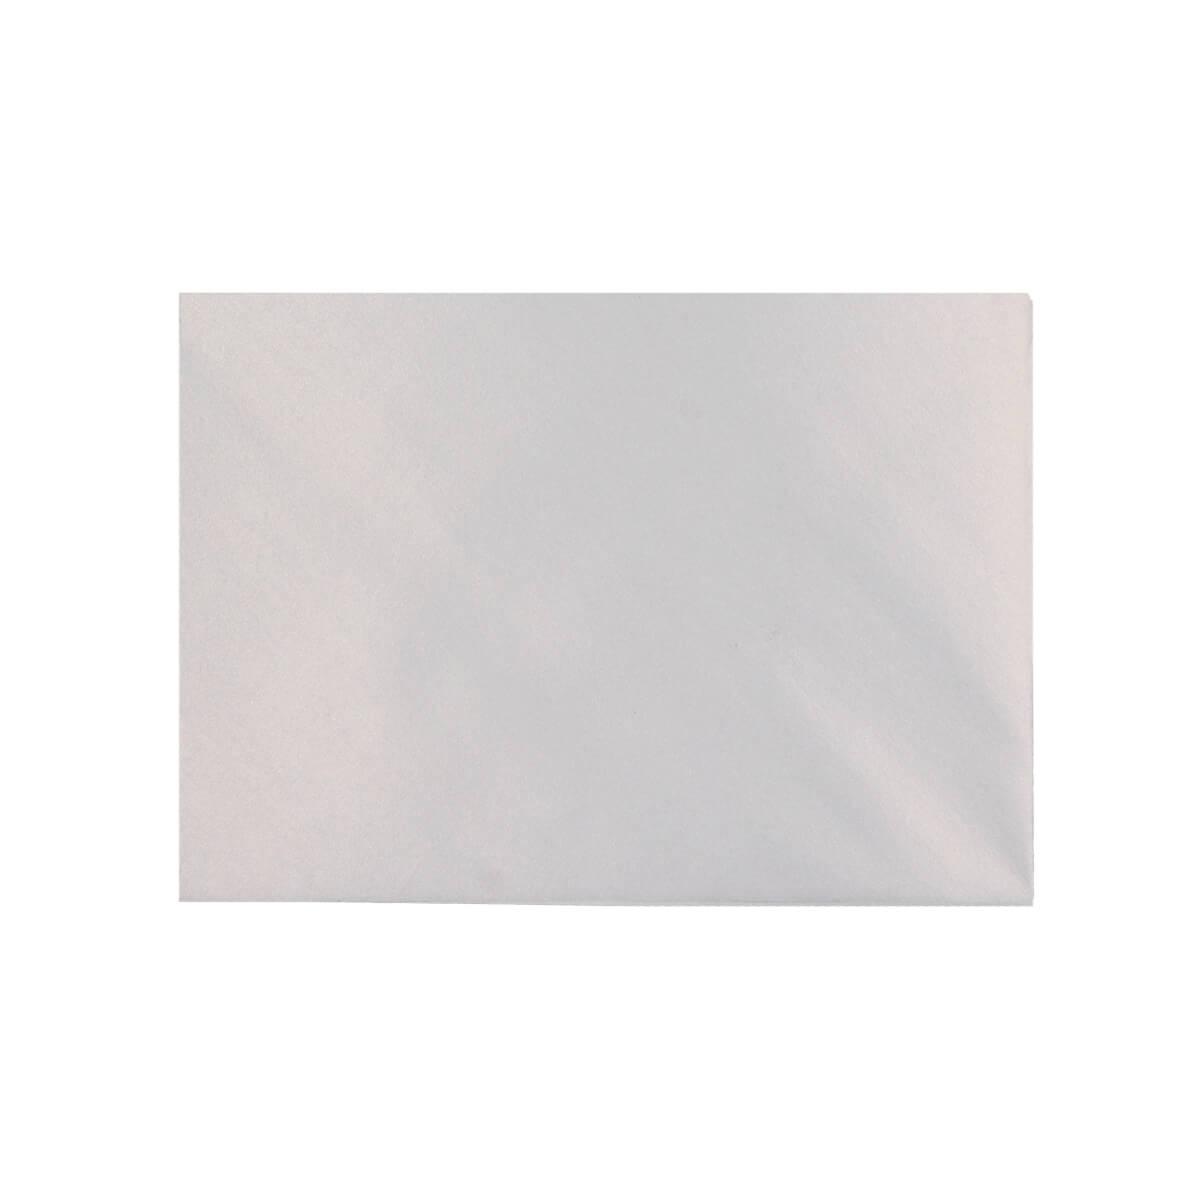 C6 PEARL SNOW WHITE ENVELOPES